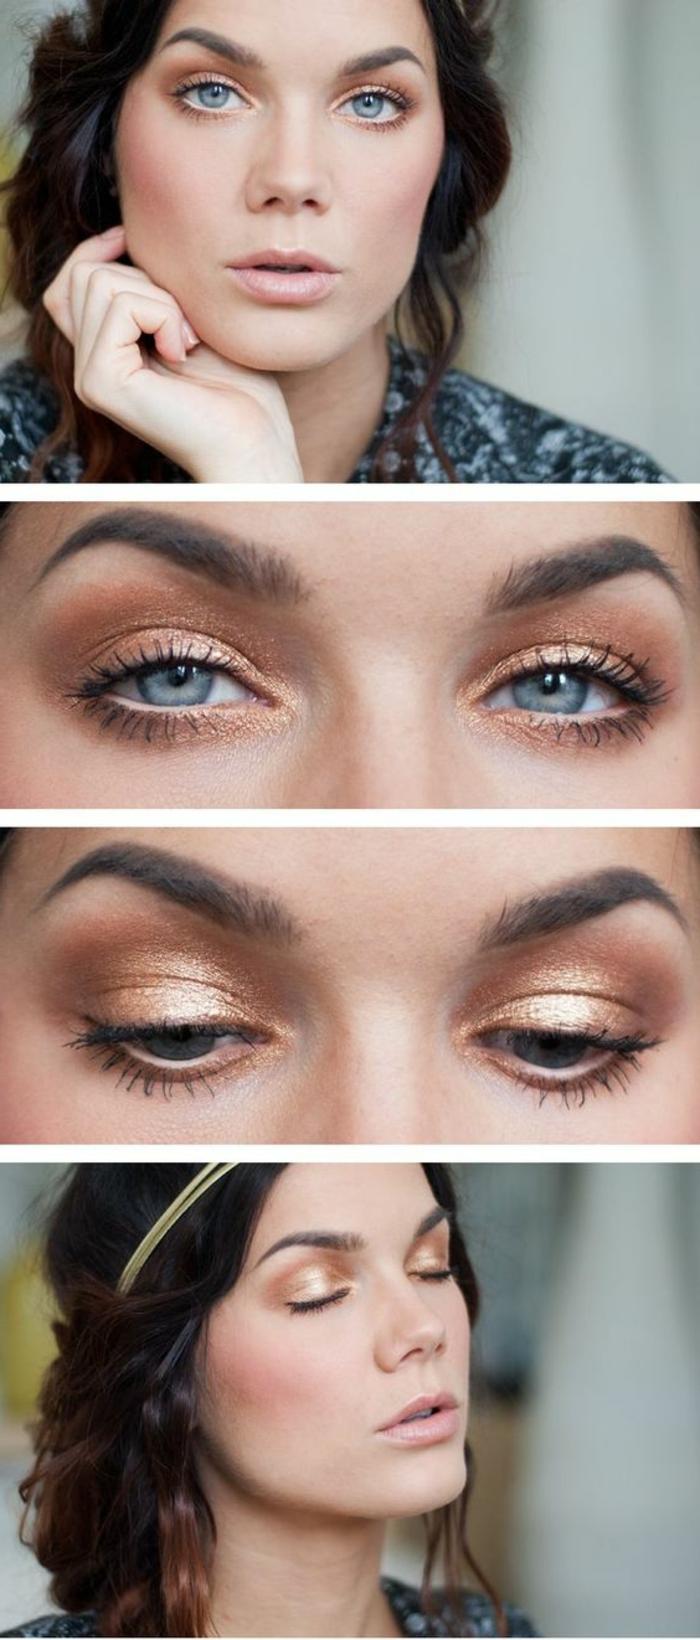 maquillage-des-yeux-se-maquiller-comme-une-princesse